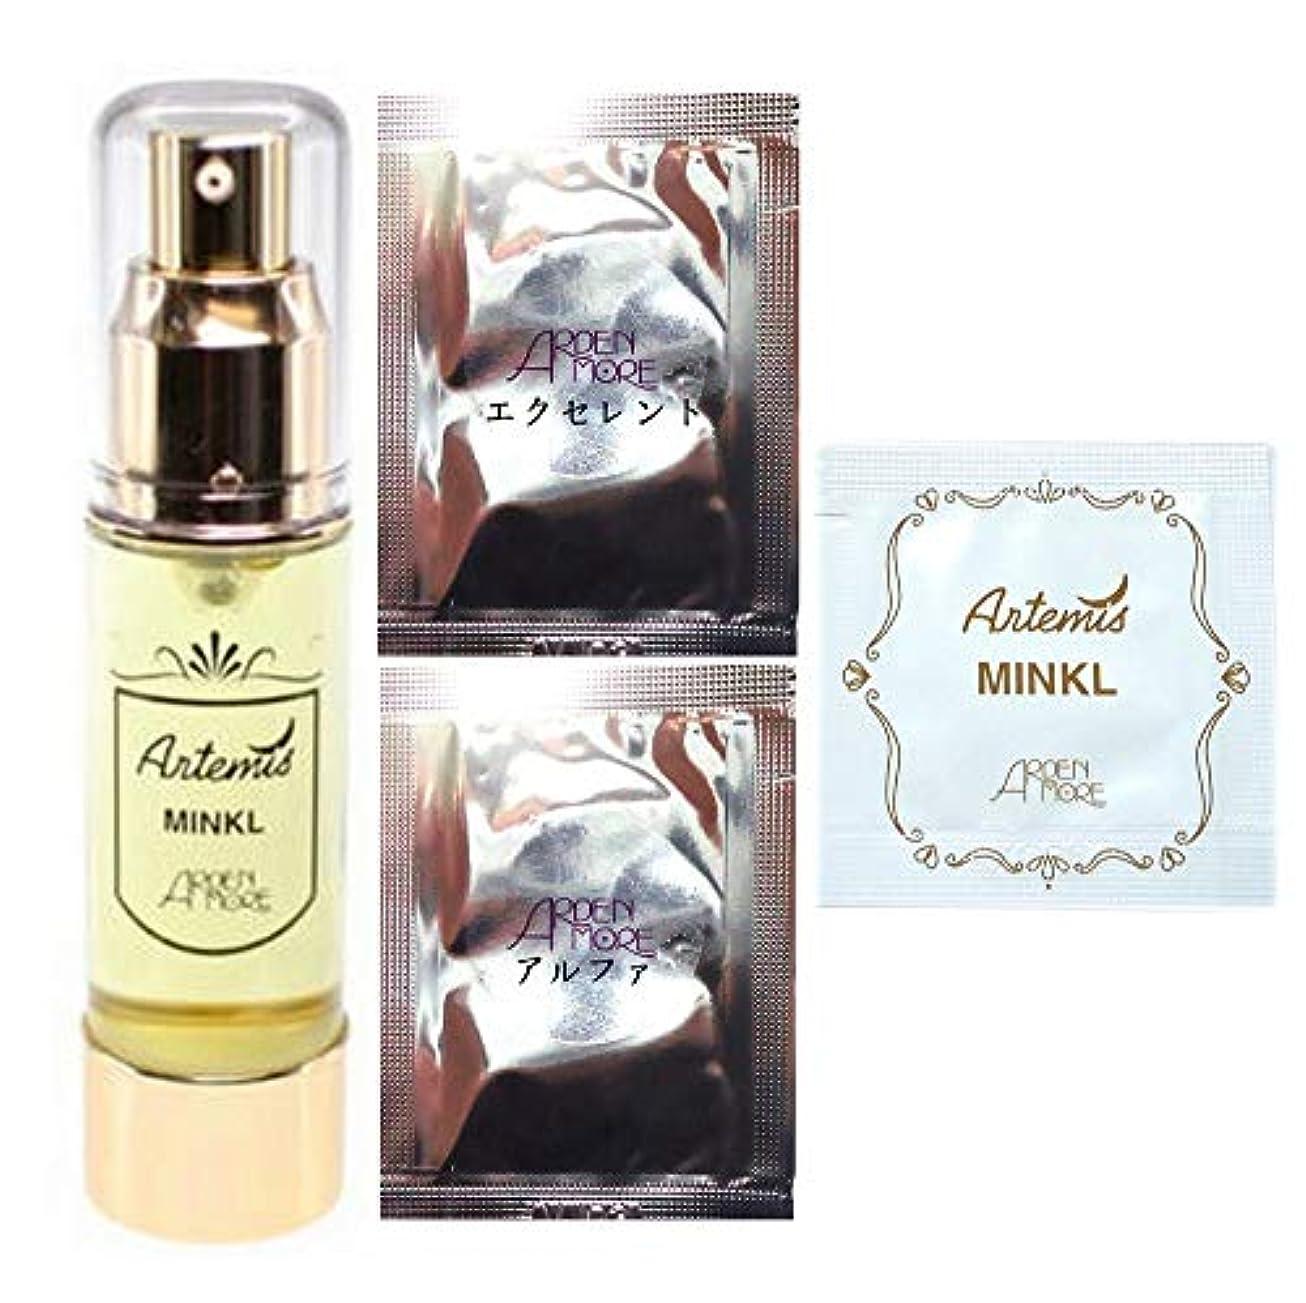 ミンクル オイル33ml ばんのう酵母くん アーテミス化粧品(お試しエクセレント+アルファ+ミンクル付き)